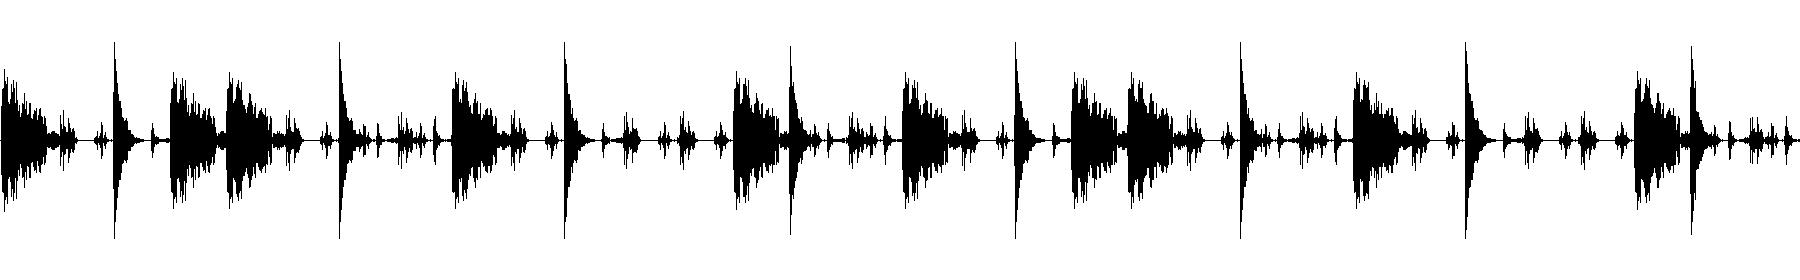 90 drumloop sp 08